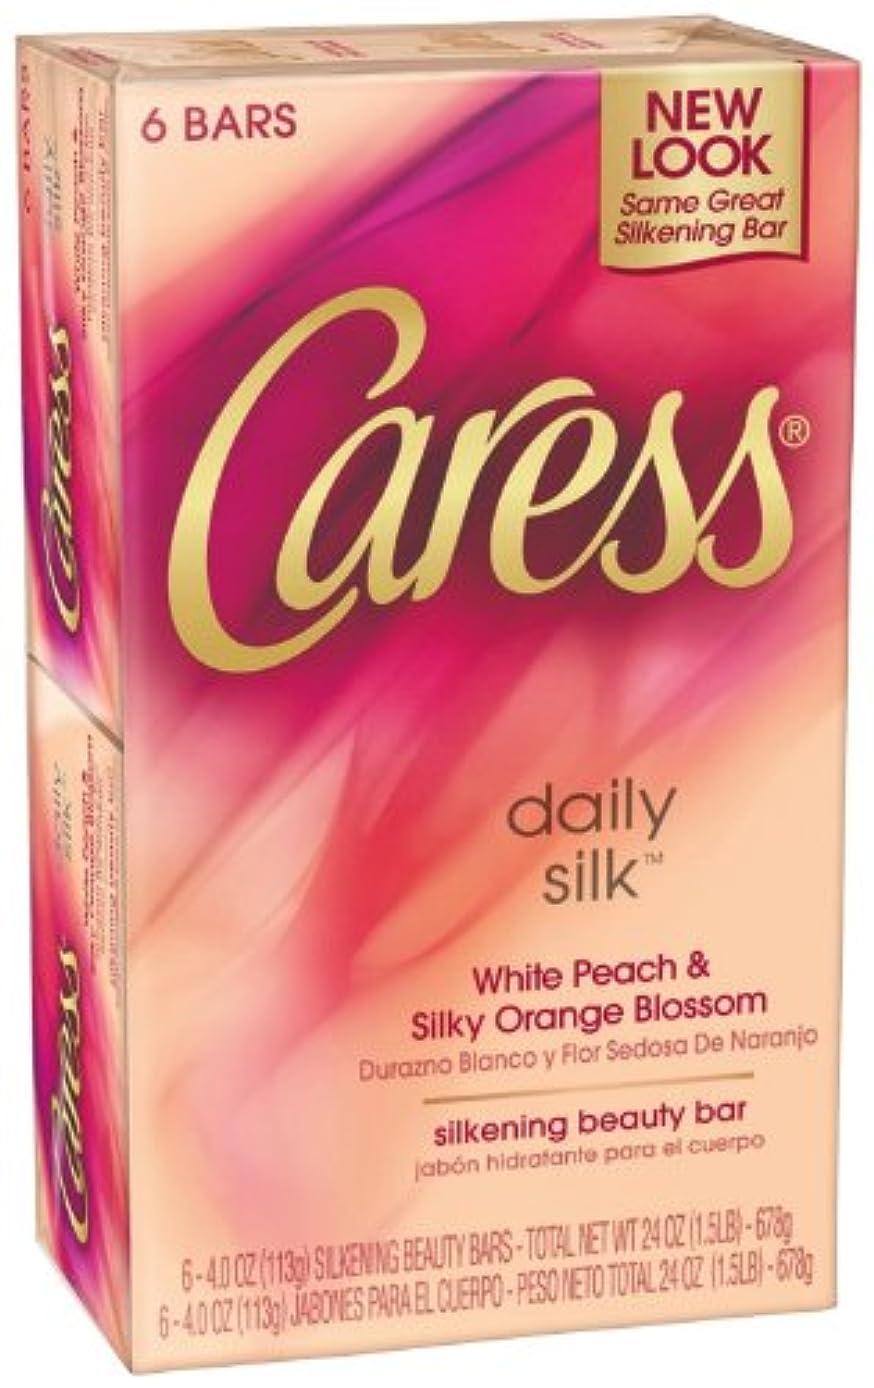 目立つ取るに足らない政治的Caress Daily Silk Beauty Soap Bar - (6 X 4 Ounce) by Caress